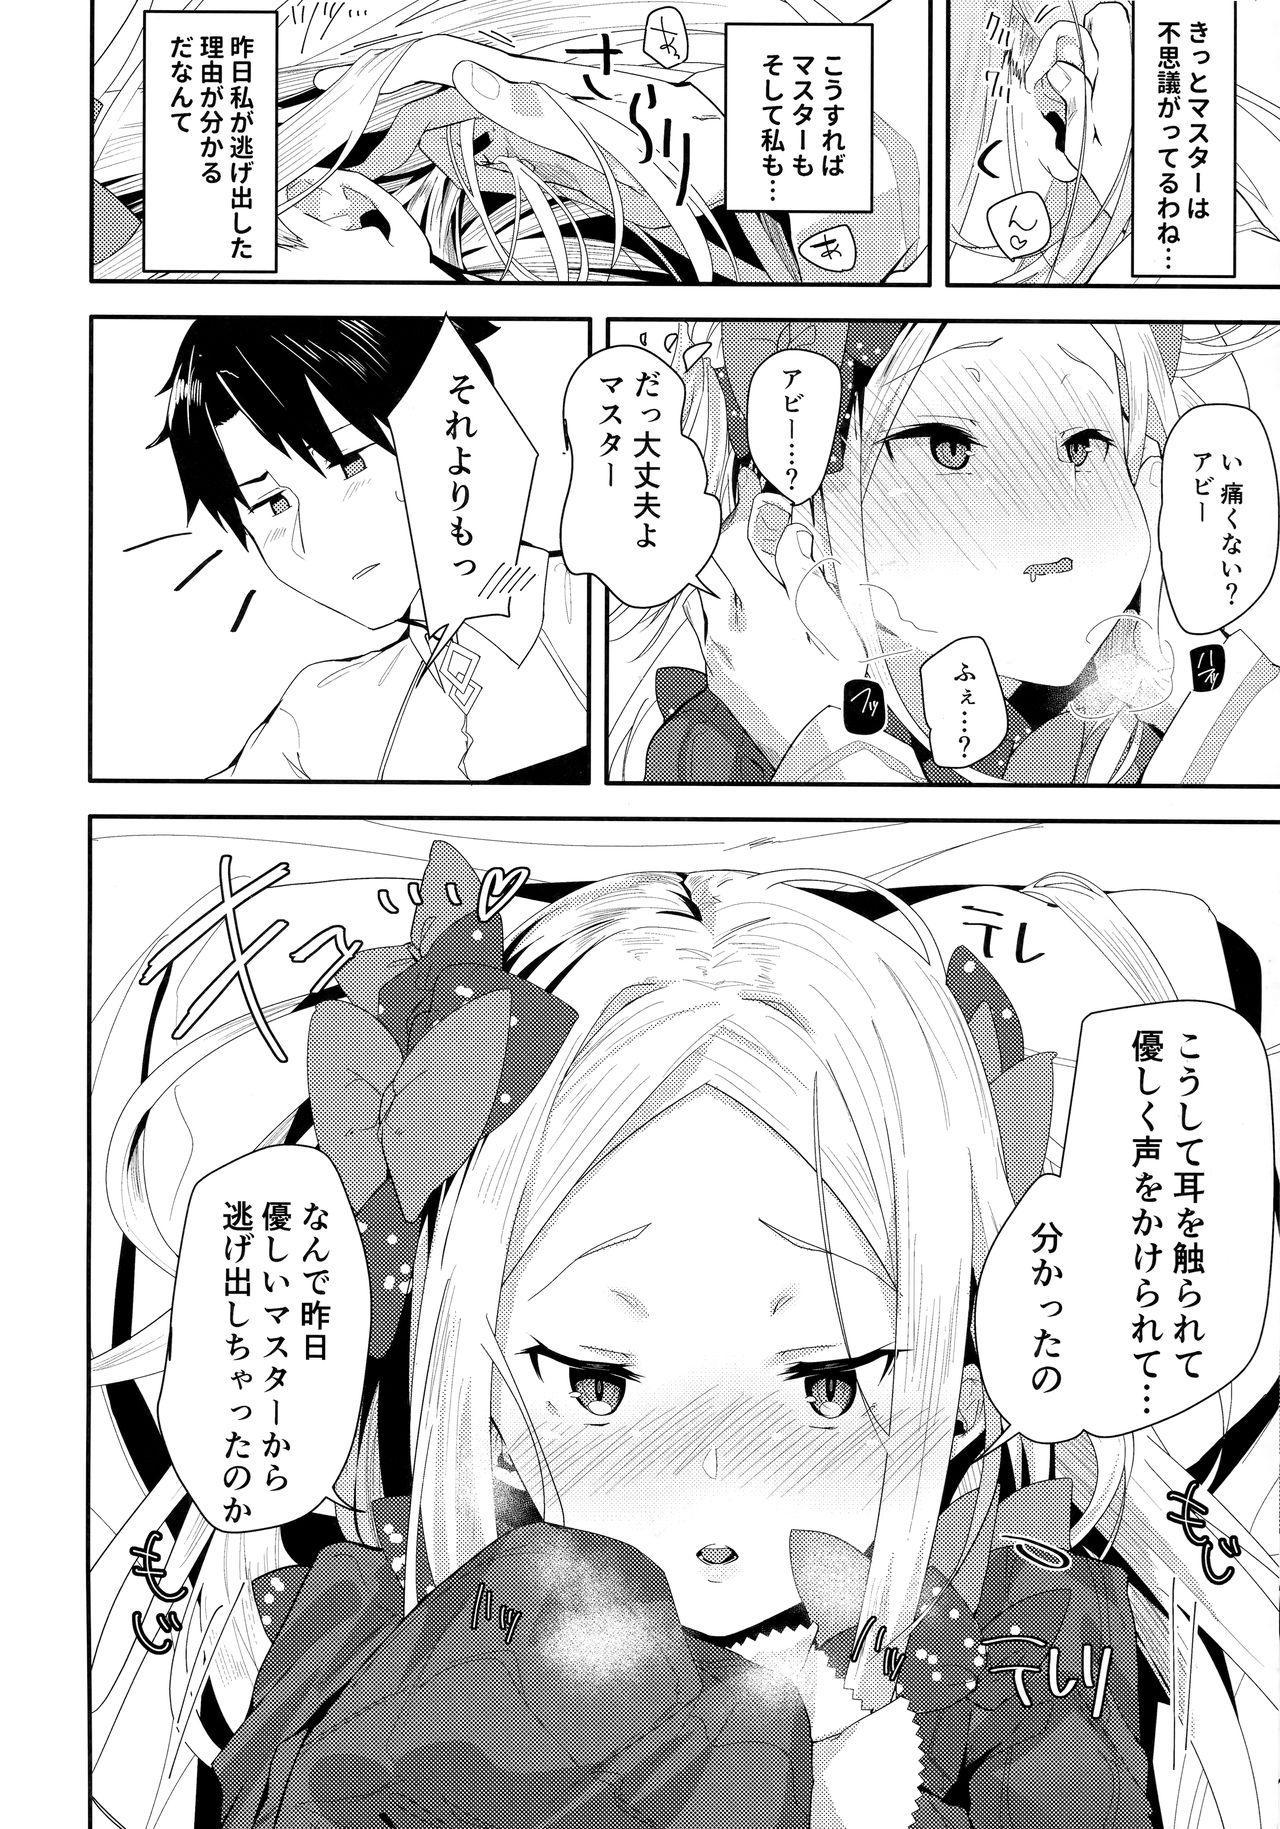 Abby-chan wa Ikenai Ko? 6